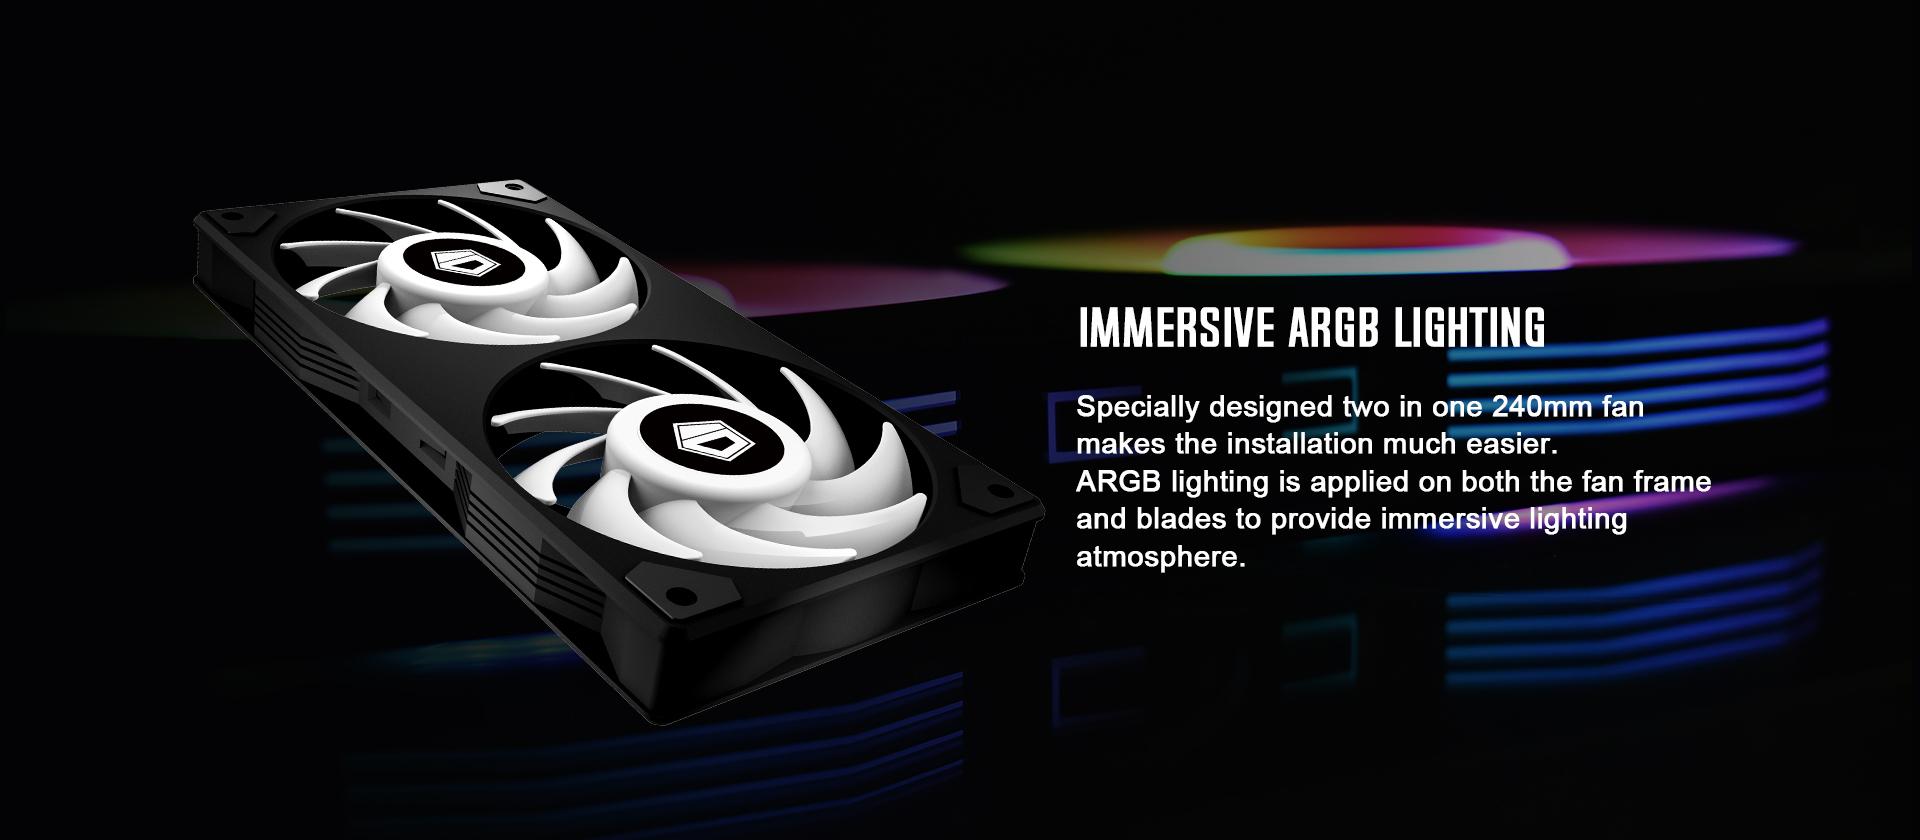 Tản Nhiệt Nước ID-COOLING ICEFLOW 240 ARGB đắm chìm trong màu sắc của ARGB từ mặt block và fan